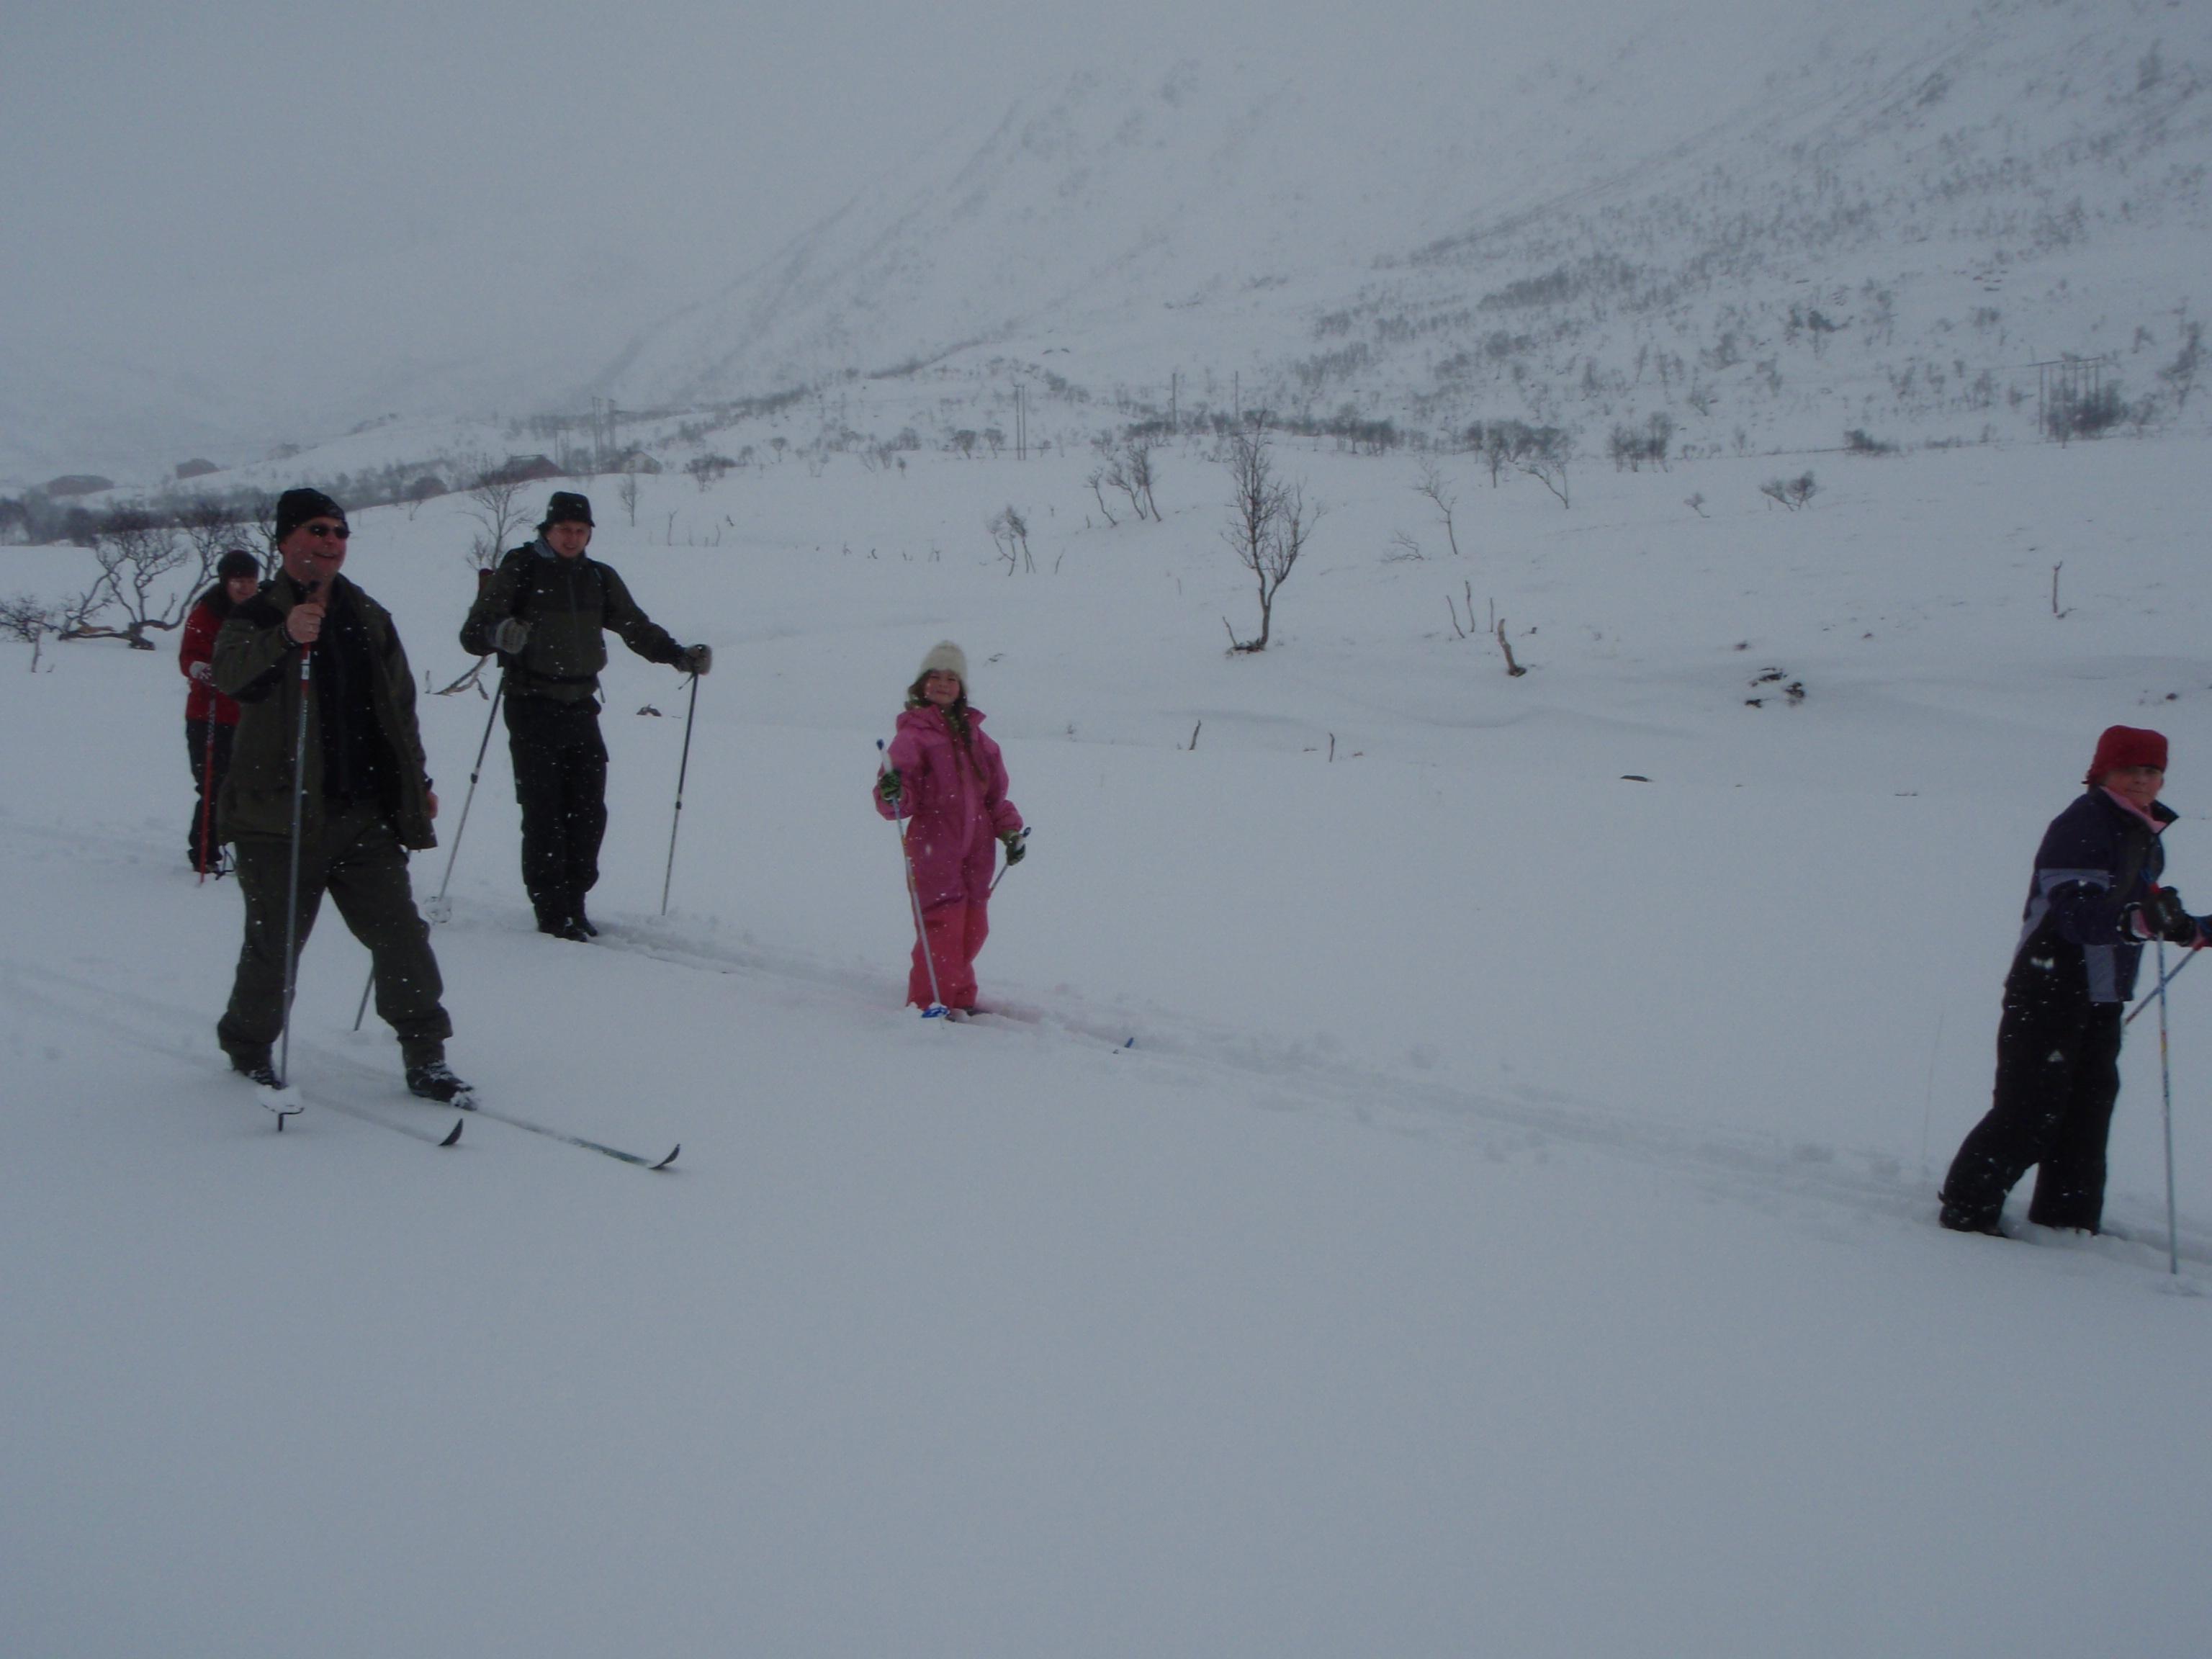 Ce dimanche, on part à ski avec la famille de Knut et Tove pour retrouver les voisins des environs